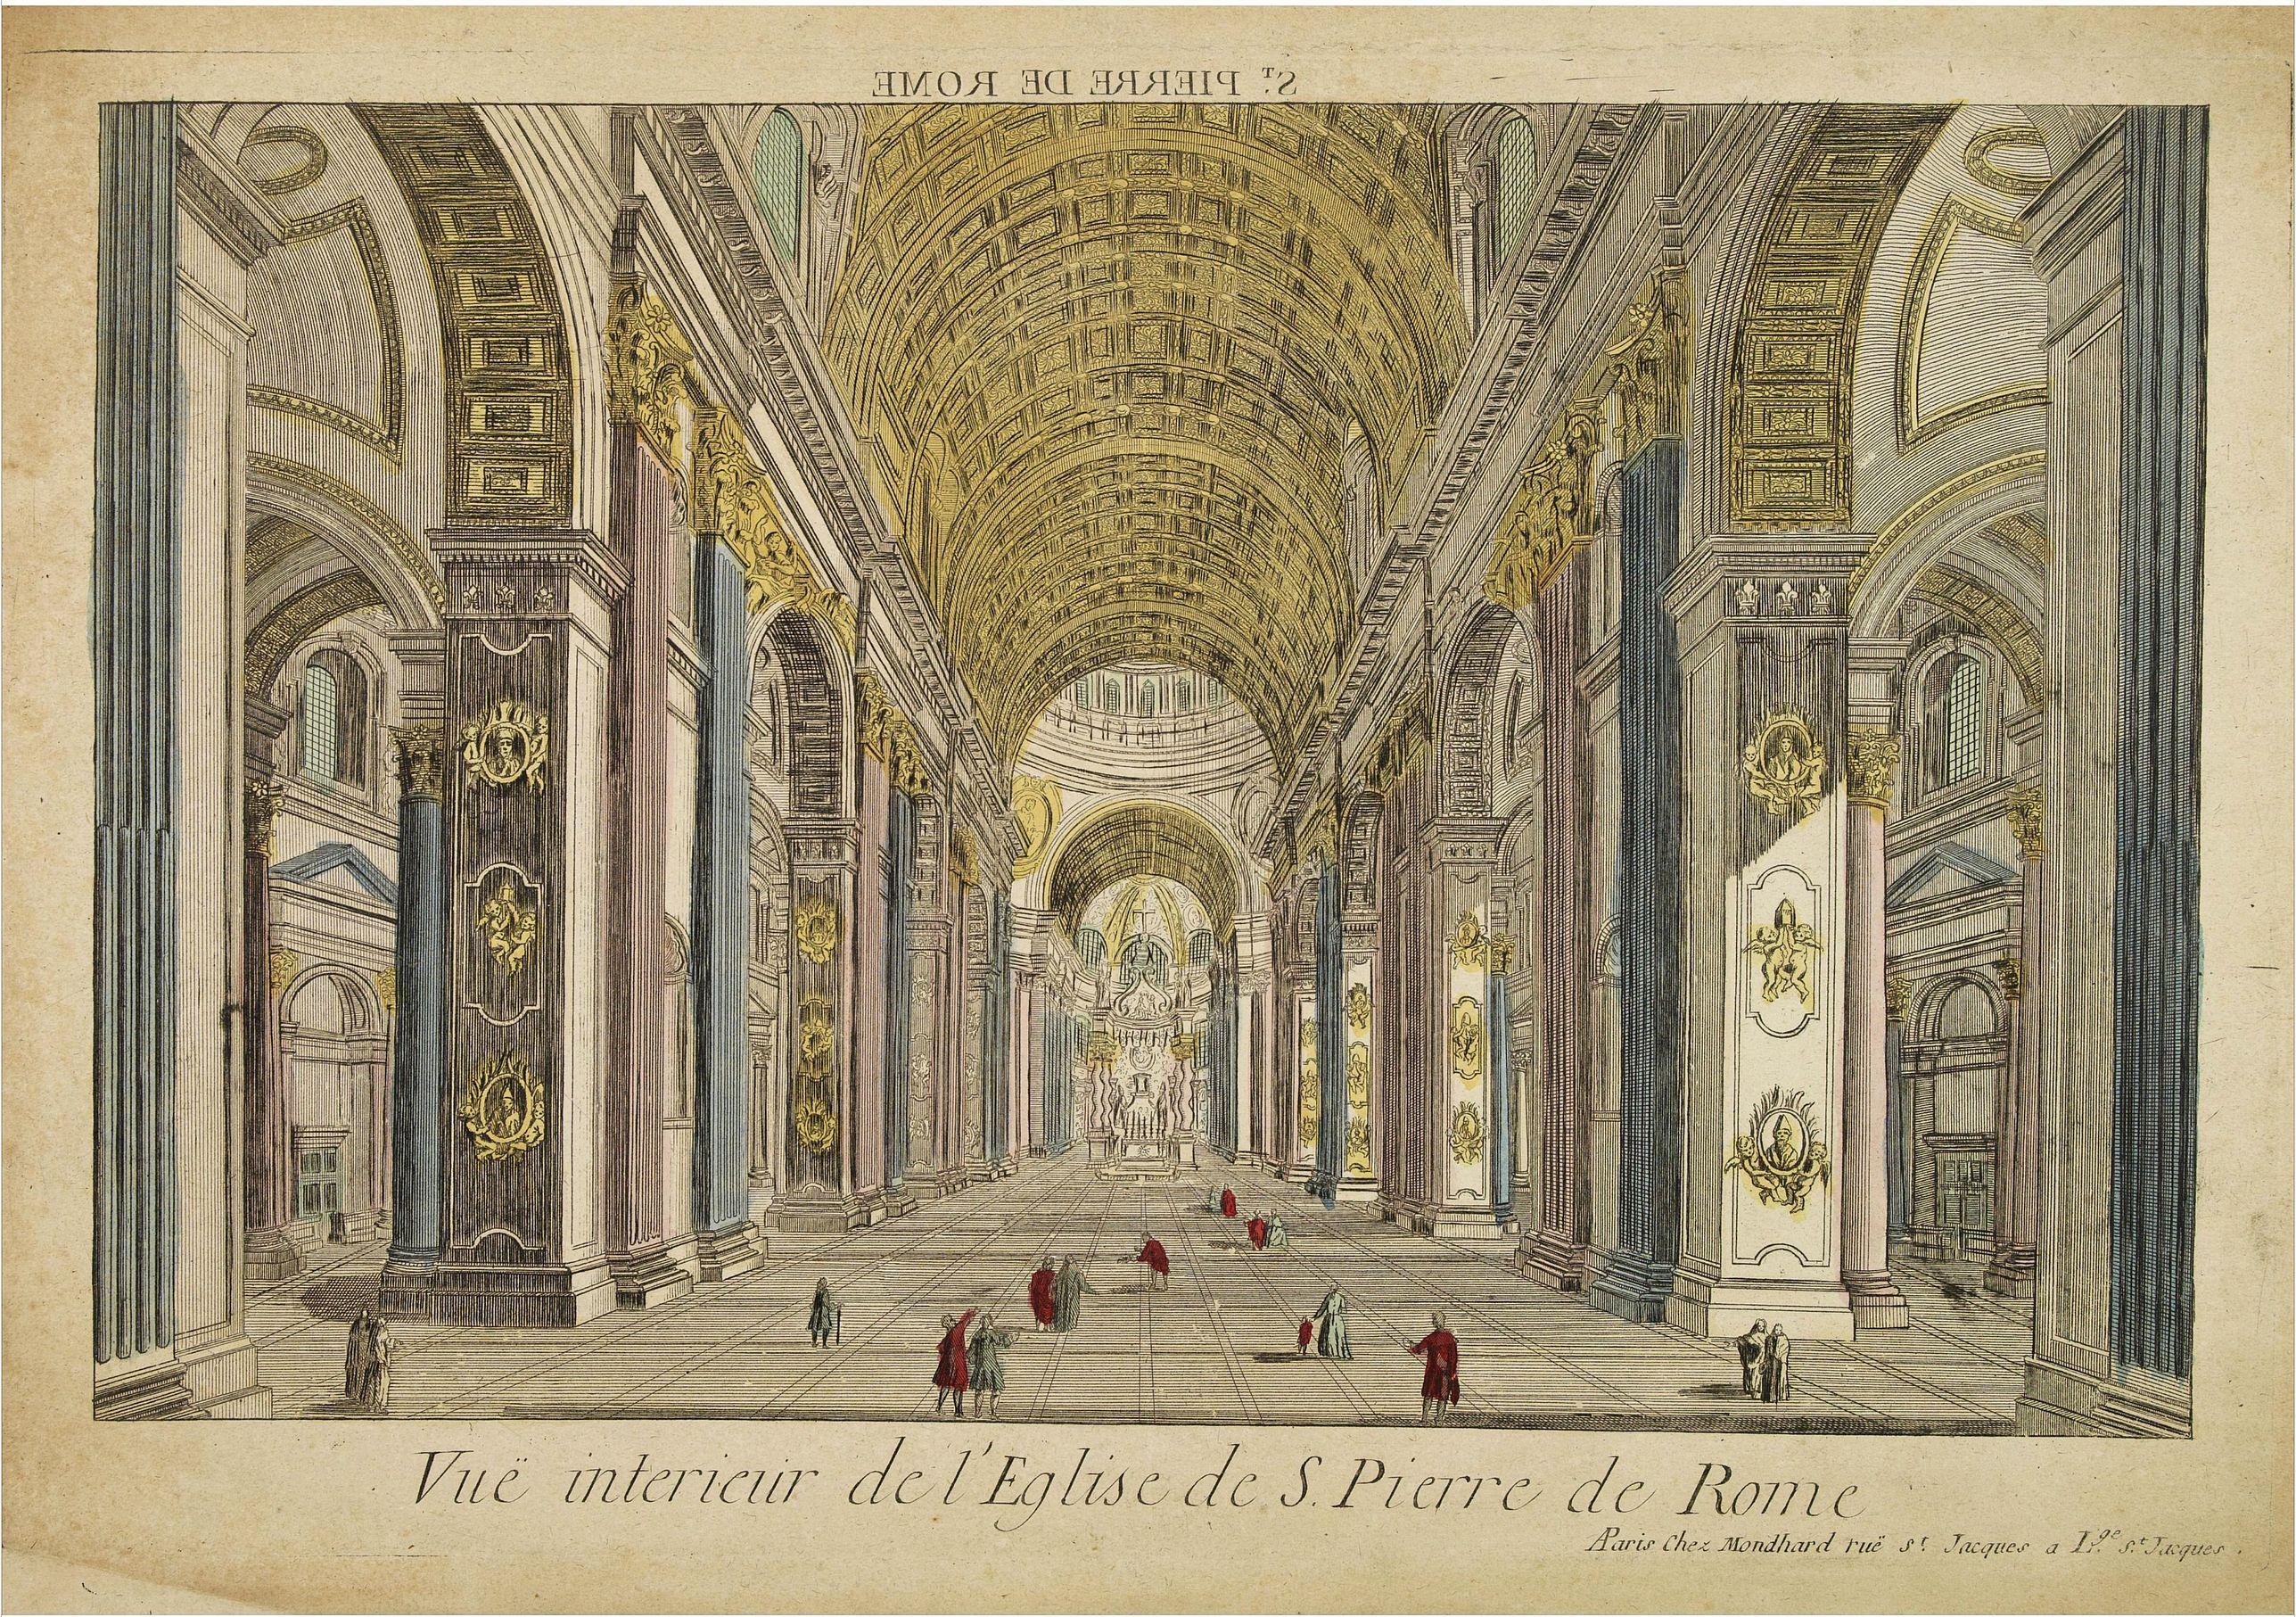 MONDHARE -  Vue interieur de l'Eglise de S.Pierre de Rome.